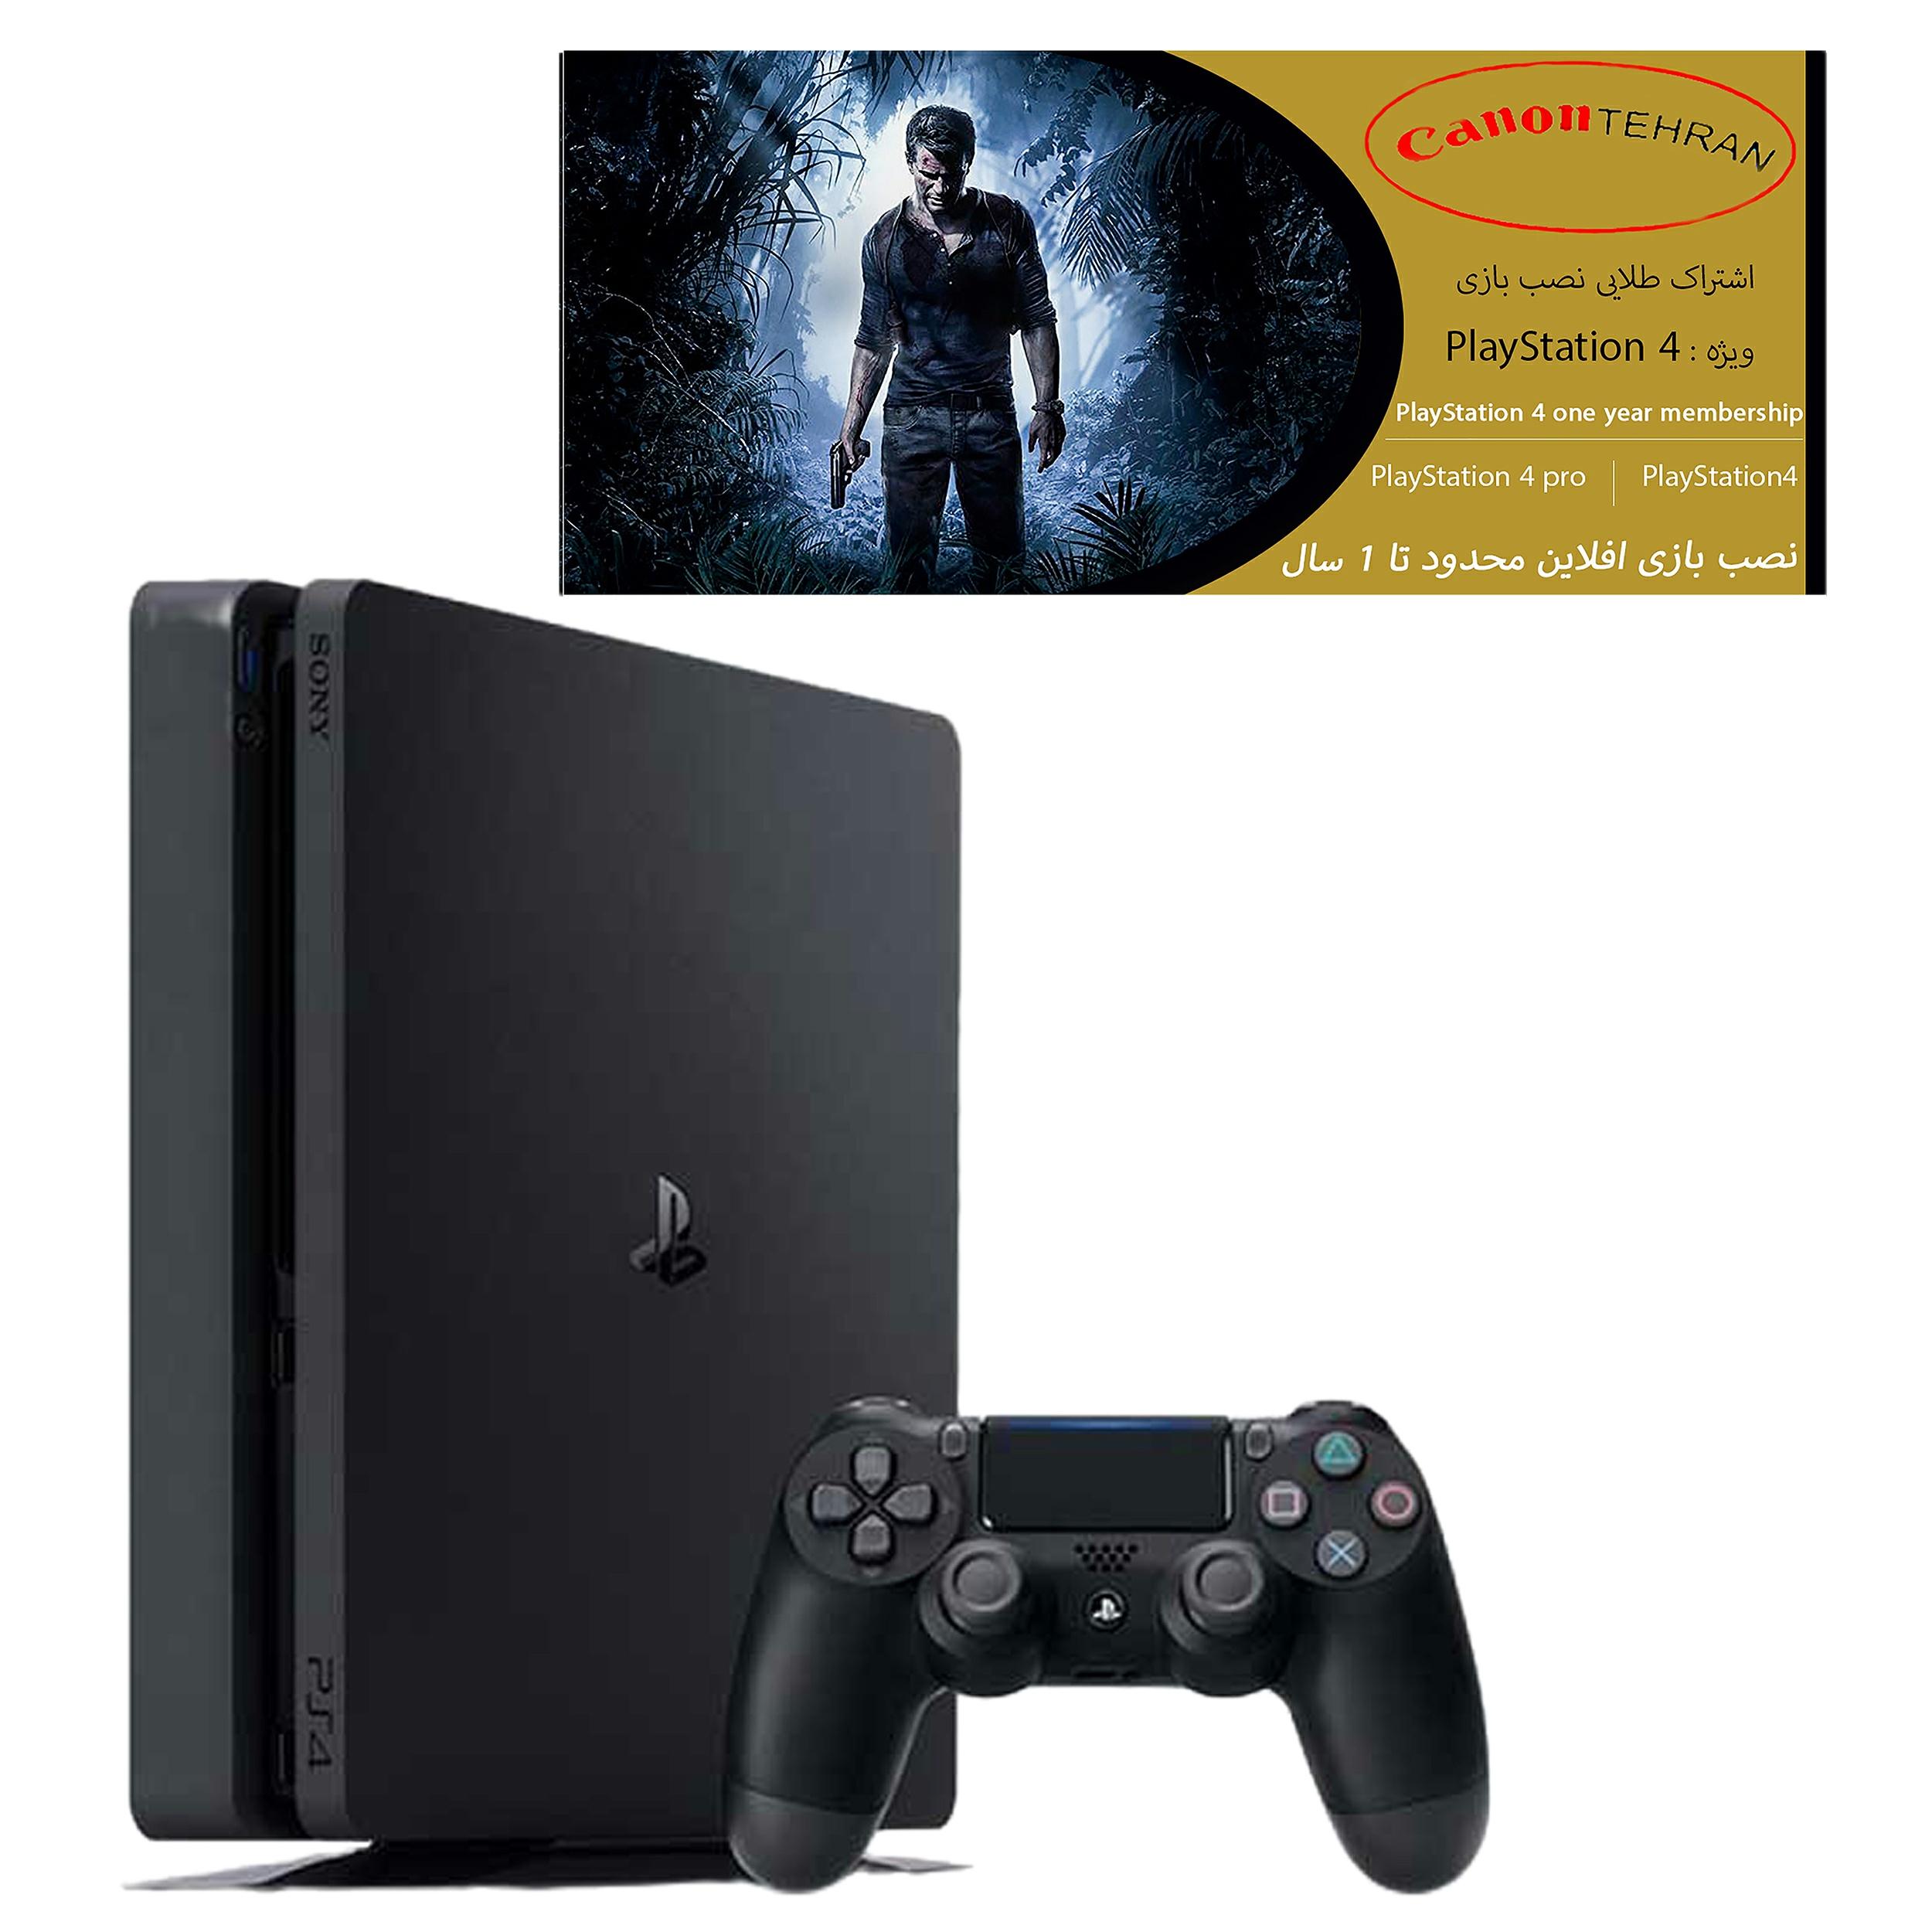 کنسول بازی سونی مدل Playstation 4 Slim ریجن 1 کد CUH-2215B ظرفیت 1 ترابایت به همراه 20 بازی